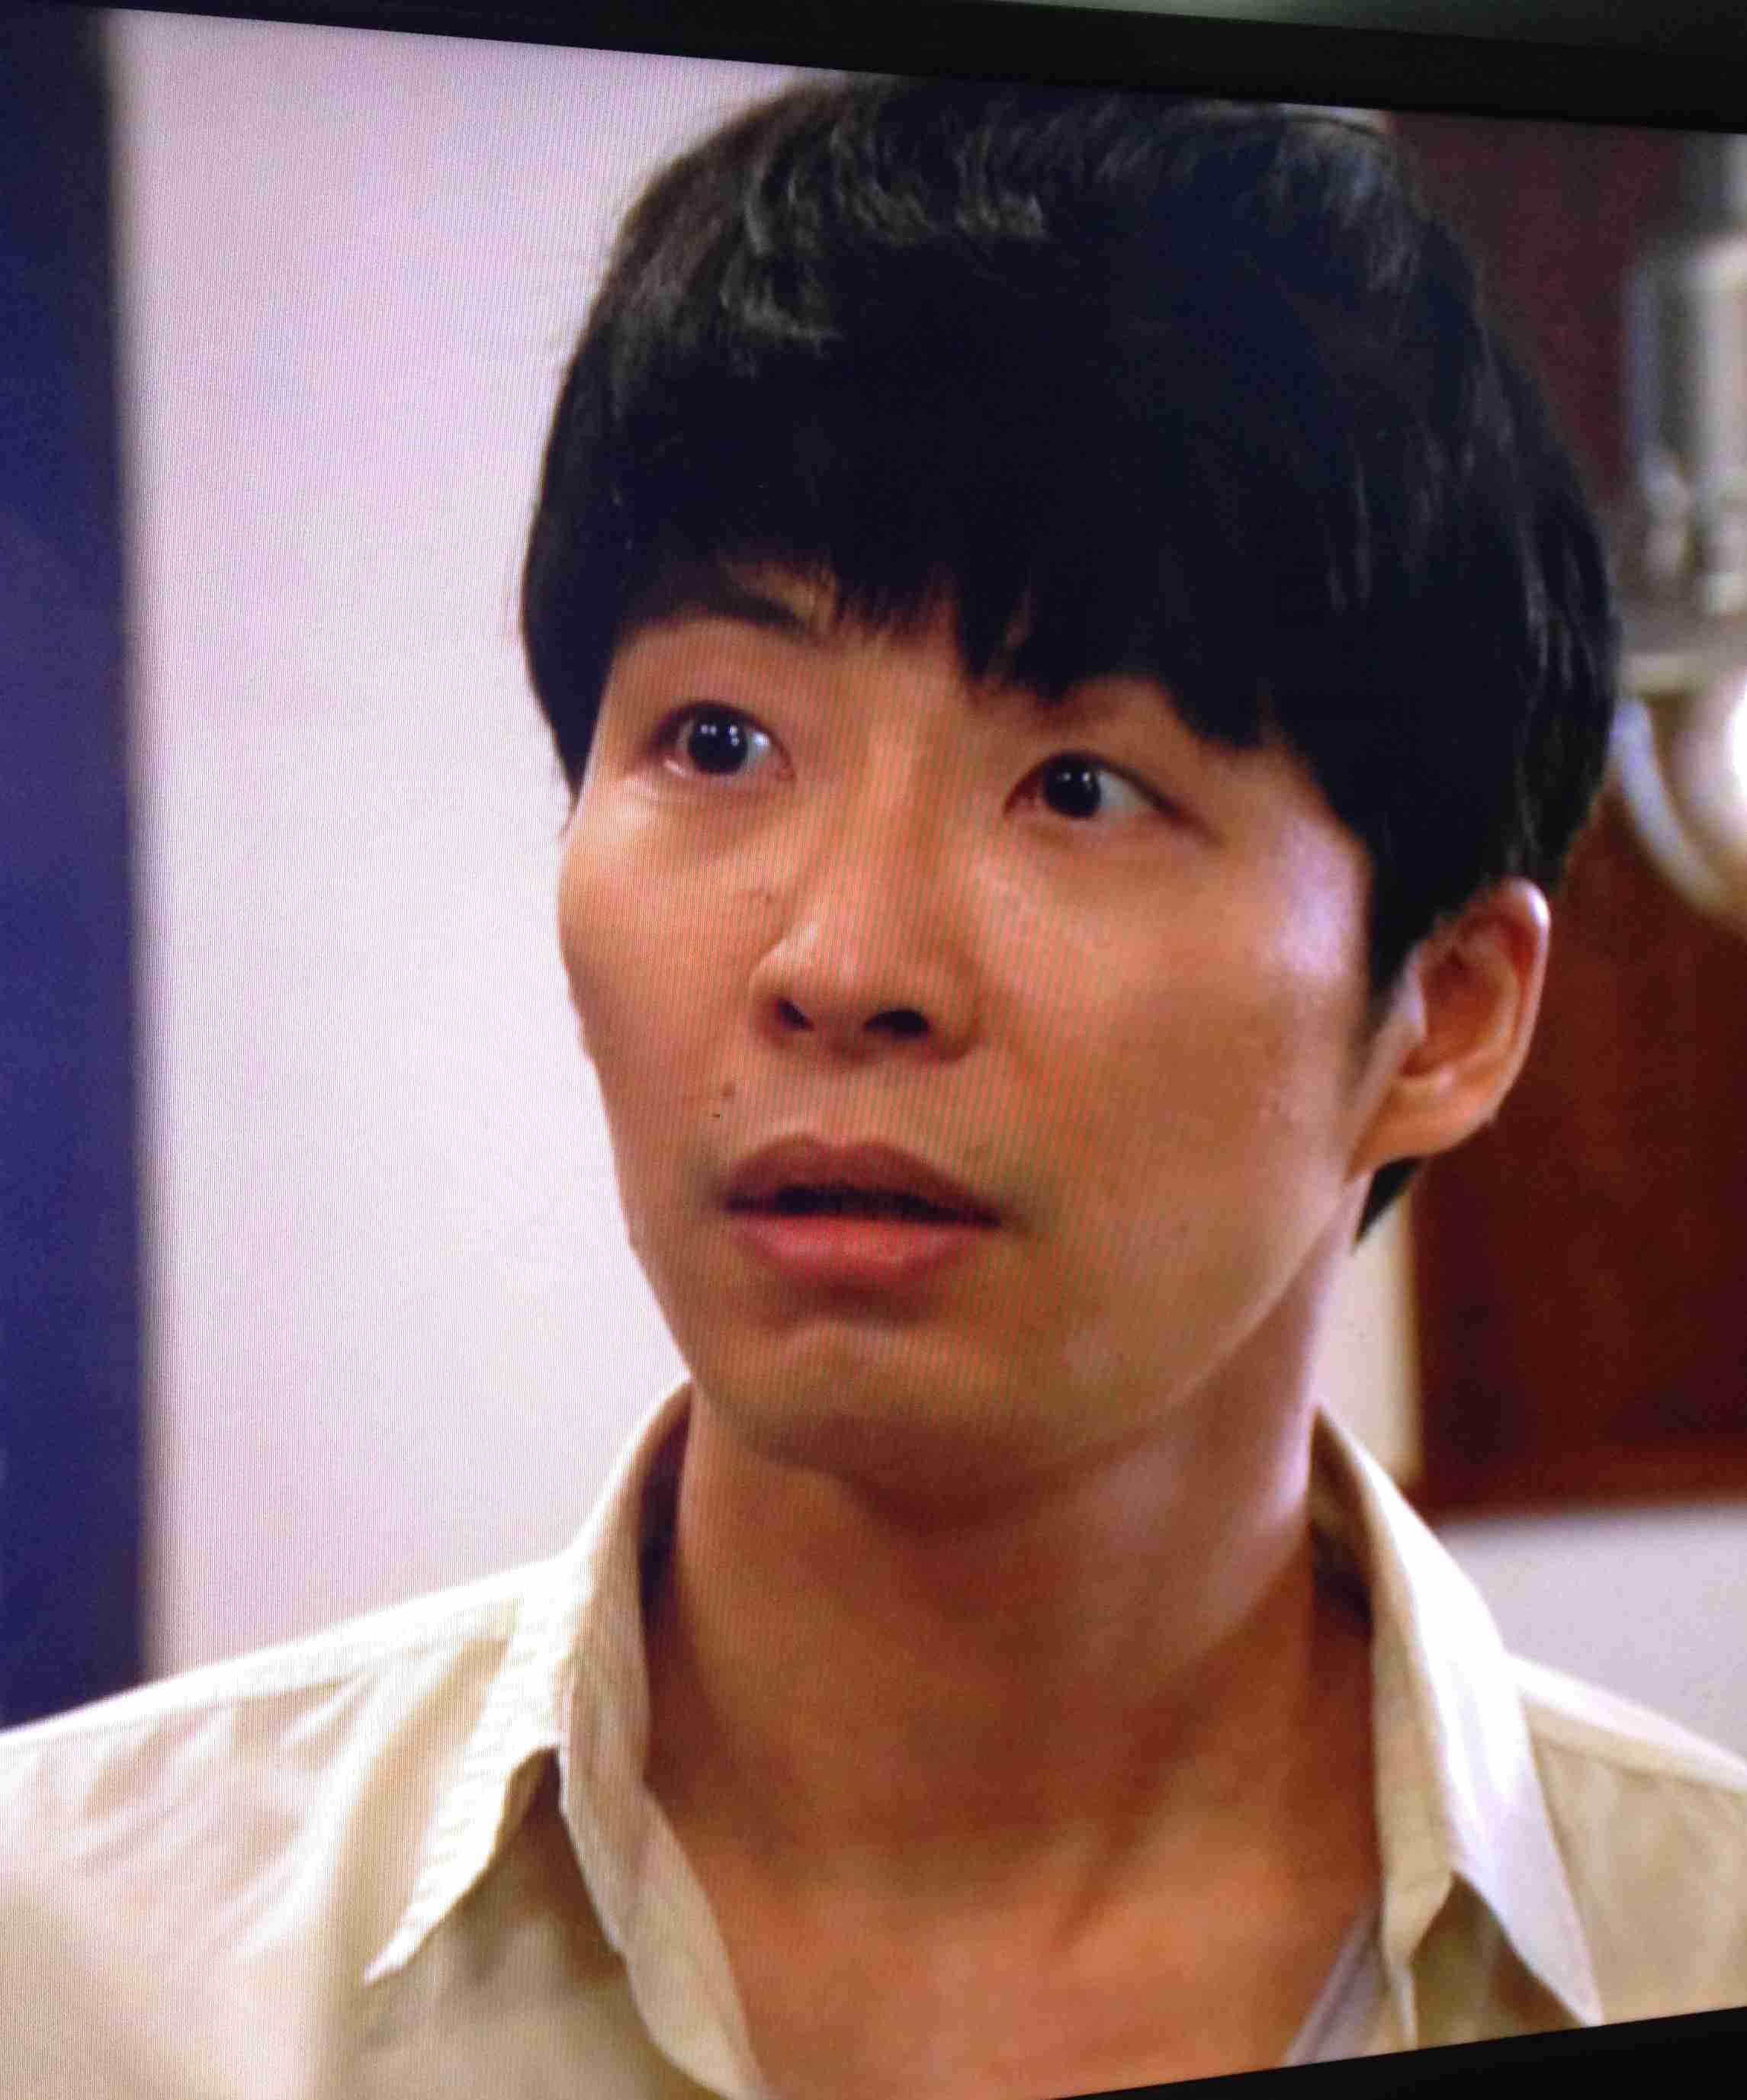 「レコ大」辞退も「紅白歌合戦」には出場 星野源にTBSが不快感か